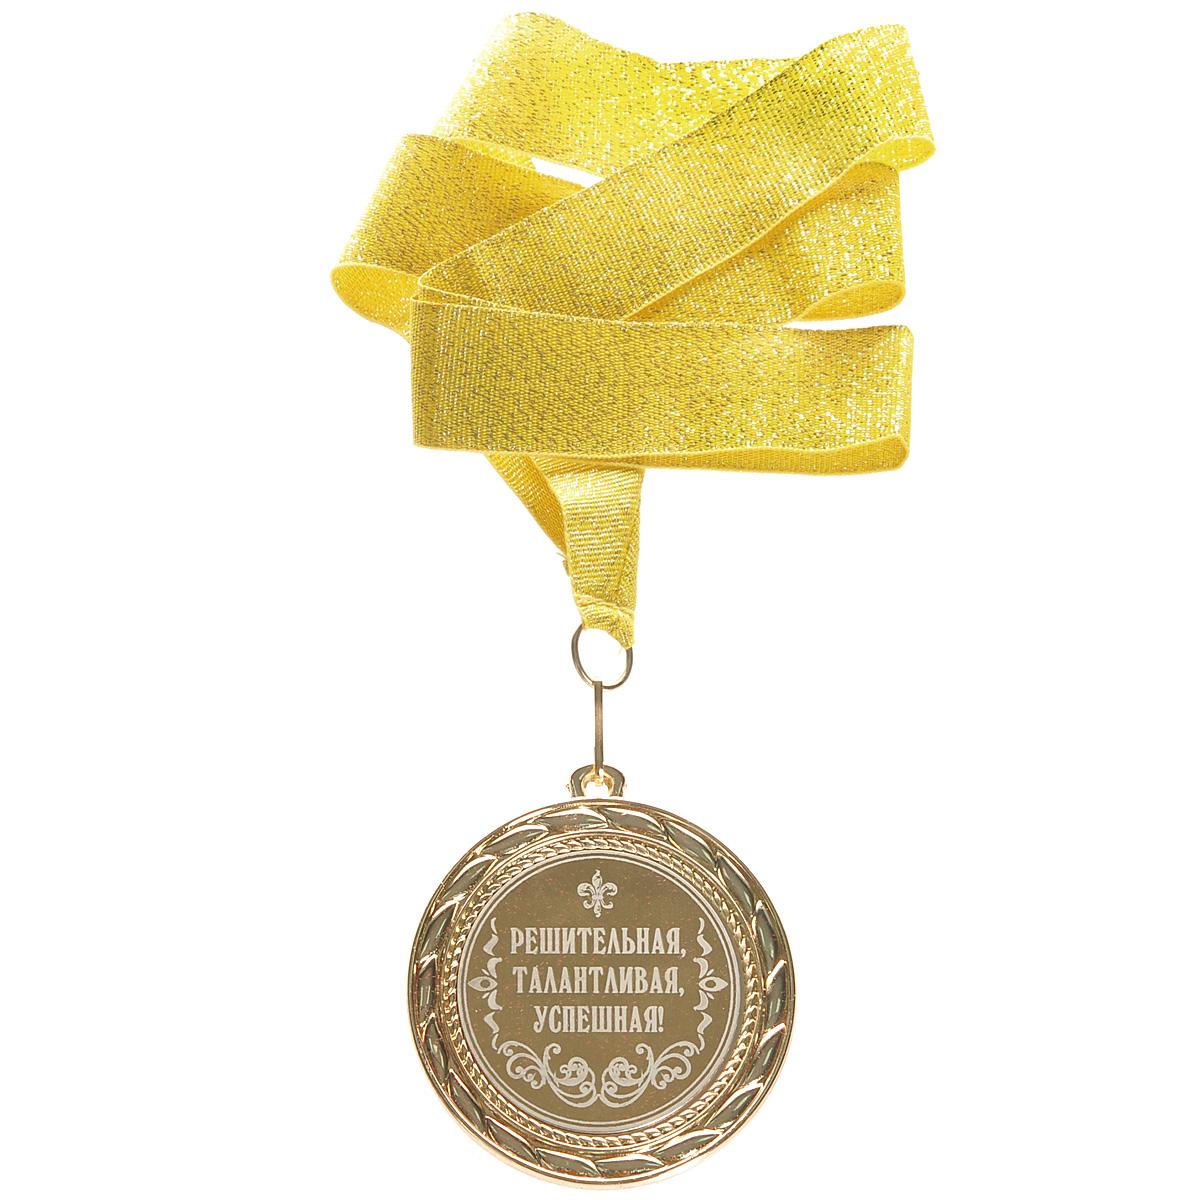 Медаль сувенирная Решительная, талантливая, успешная!18 837Сувенирная медаль, выполненная из металла золотистого цвета оформленная надписью Решительная, талантлиая, успешная!, станет оригинальным и неожиданным подарком. К медали крепится золотистая лента. Такая медаль станет веселым памятным подарком и принесет массу положительных эмоций своему обладателю. Медаль упакована в подарочный футляр, обтянутый бархатистой тканью.